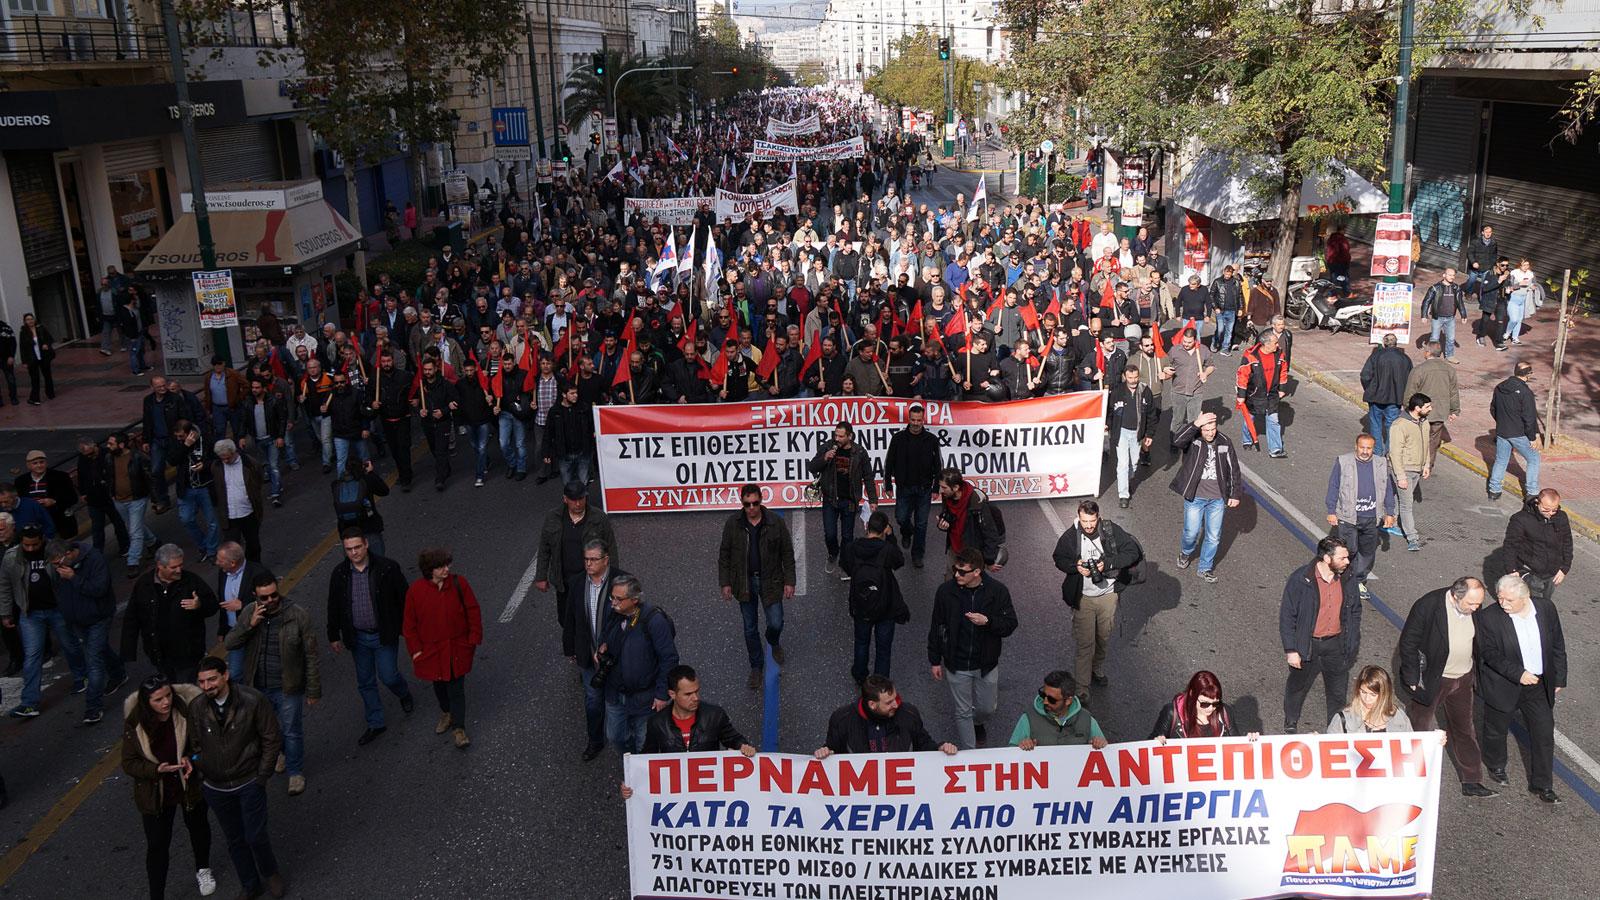 Yunanistan'da genel grev: Binlerce emekçi iş bıraktı